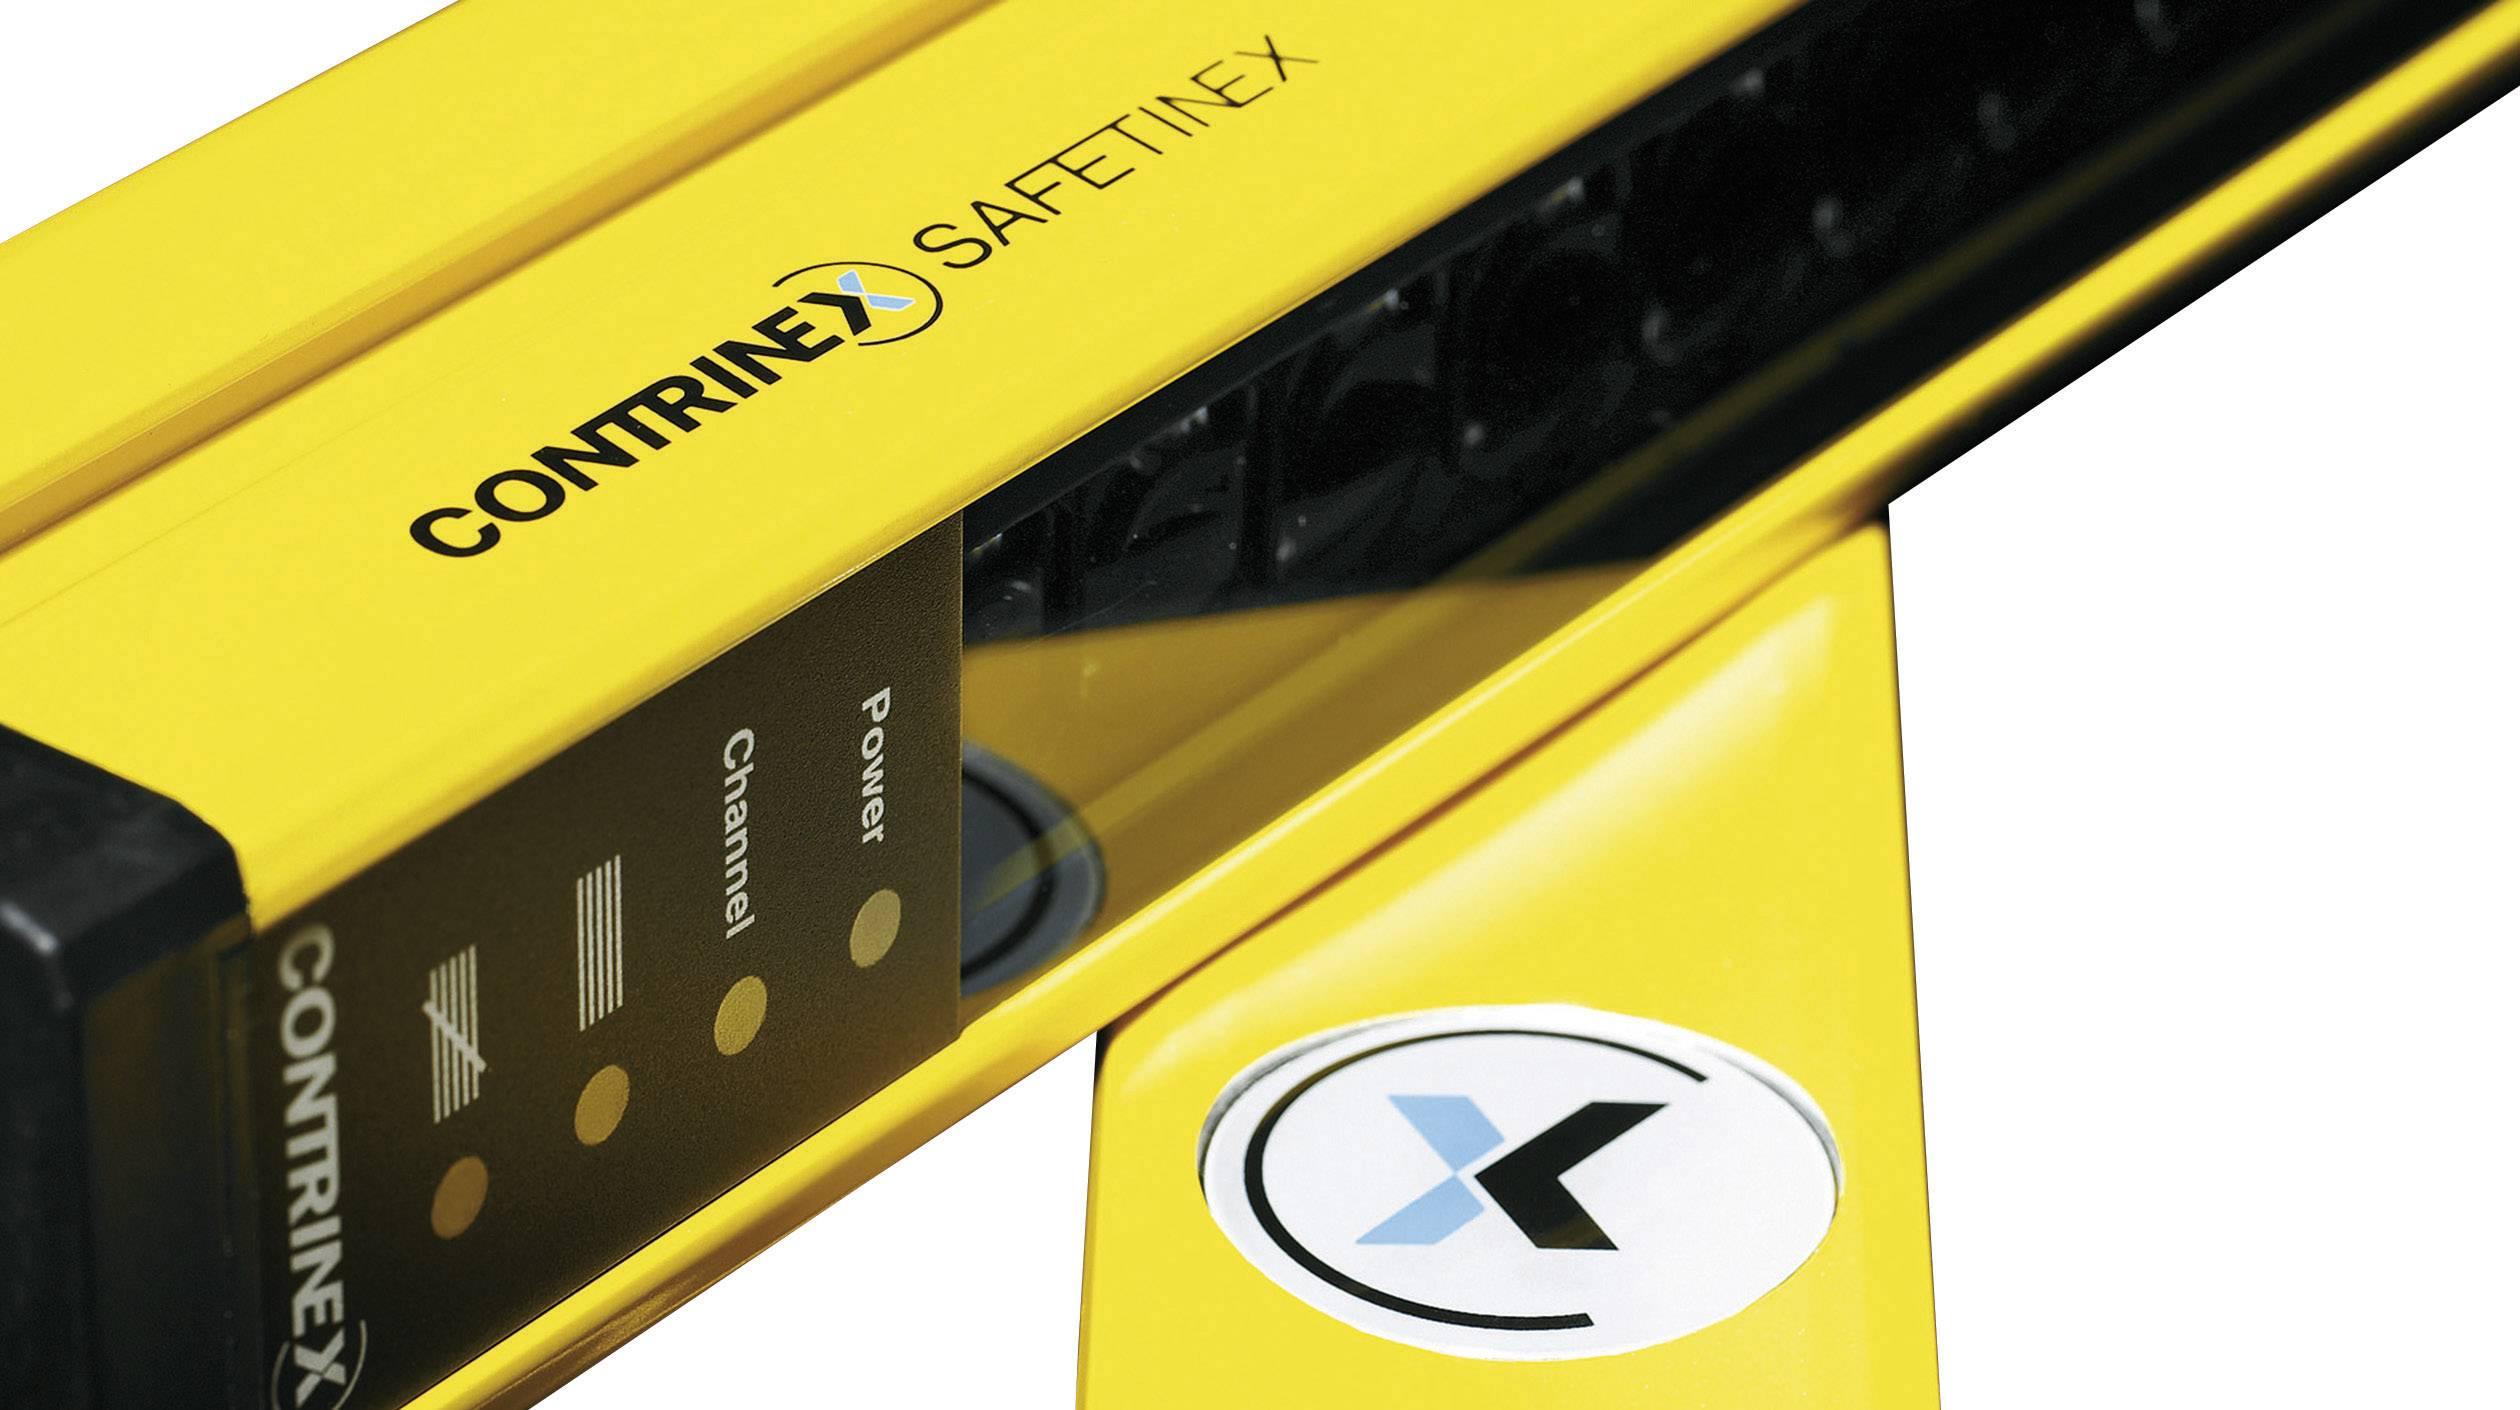 Vícepaprsková bezpečnostní světelná závora pro ochranu osob Contrinex YCA-50R4-4300-G012 630 100 086